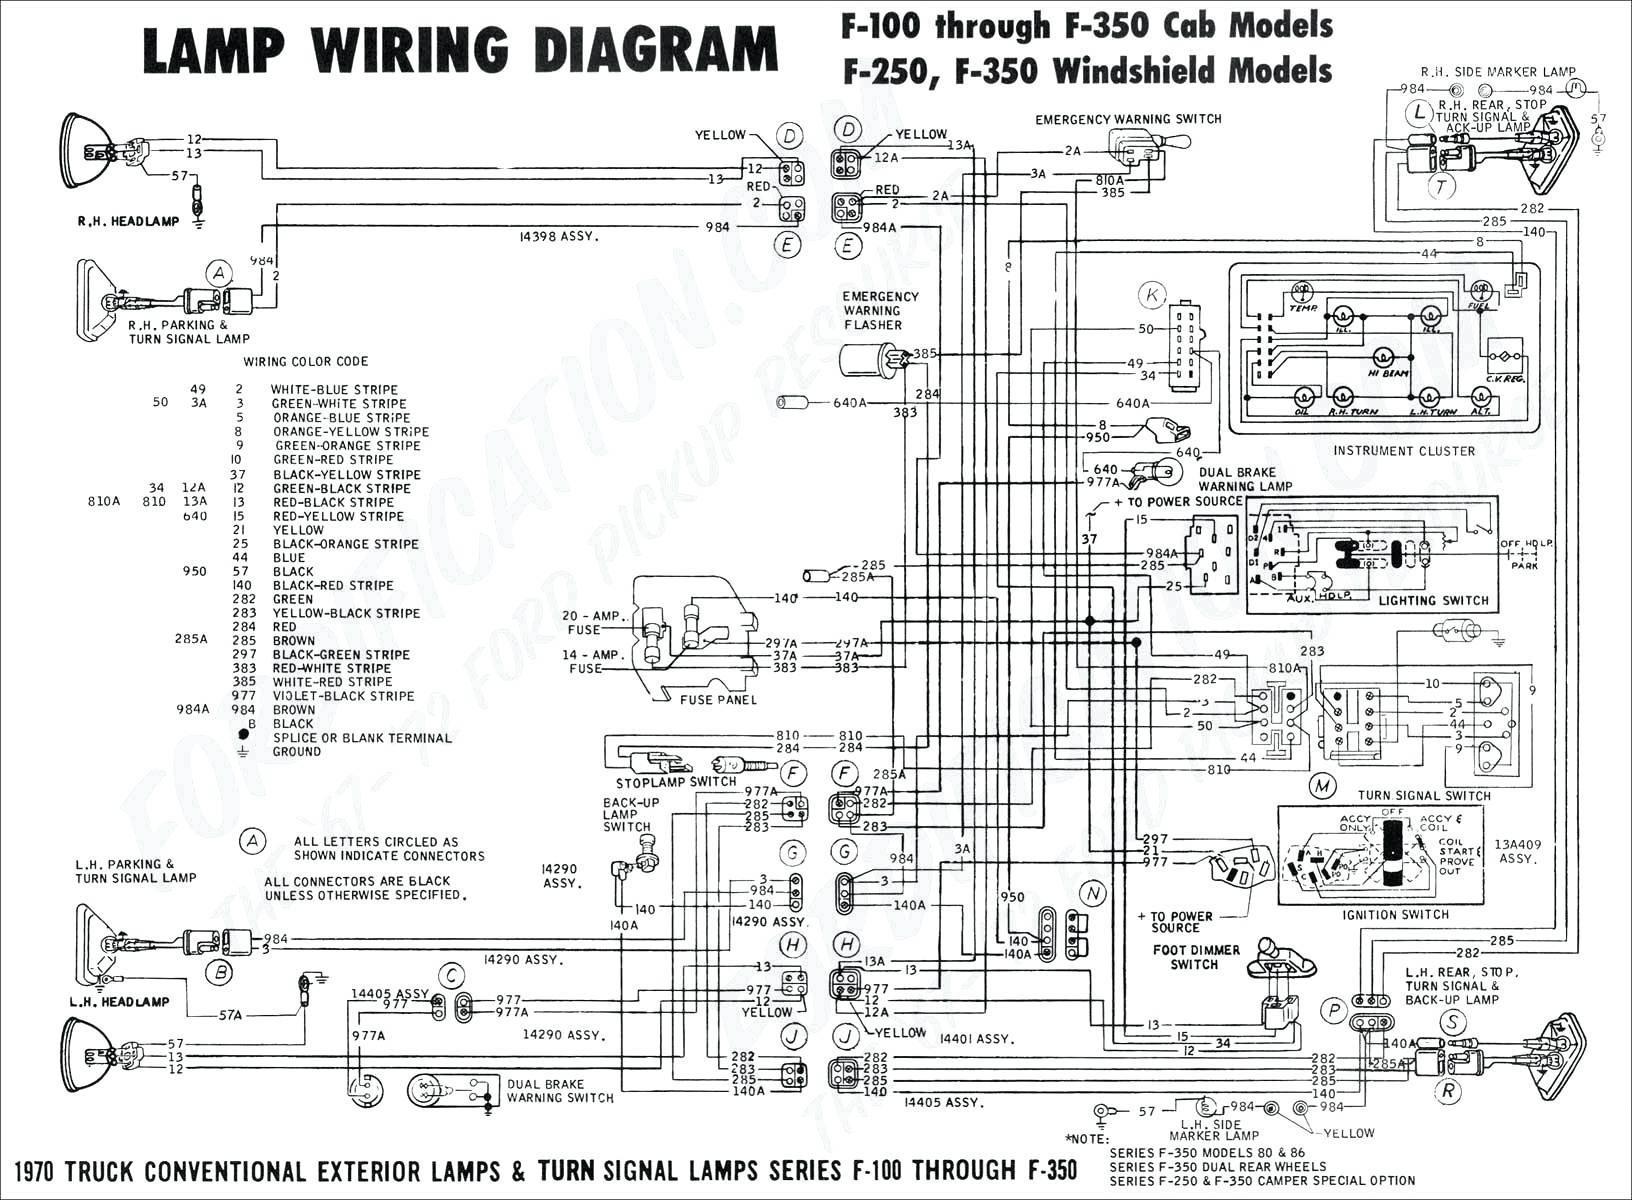 Bad Boy Horn Wiring Diagram Bad Boy Wiring Diagram Light Everything Wiring Diagram Of Bad Boy Horn Wiring Diagram